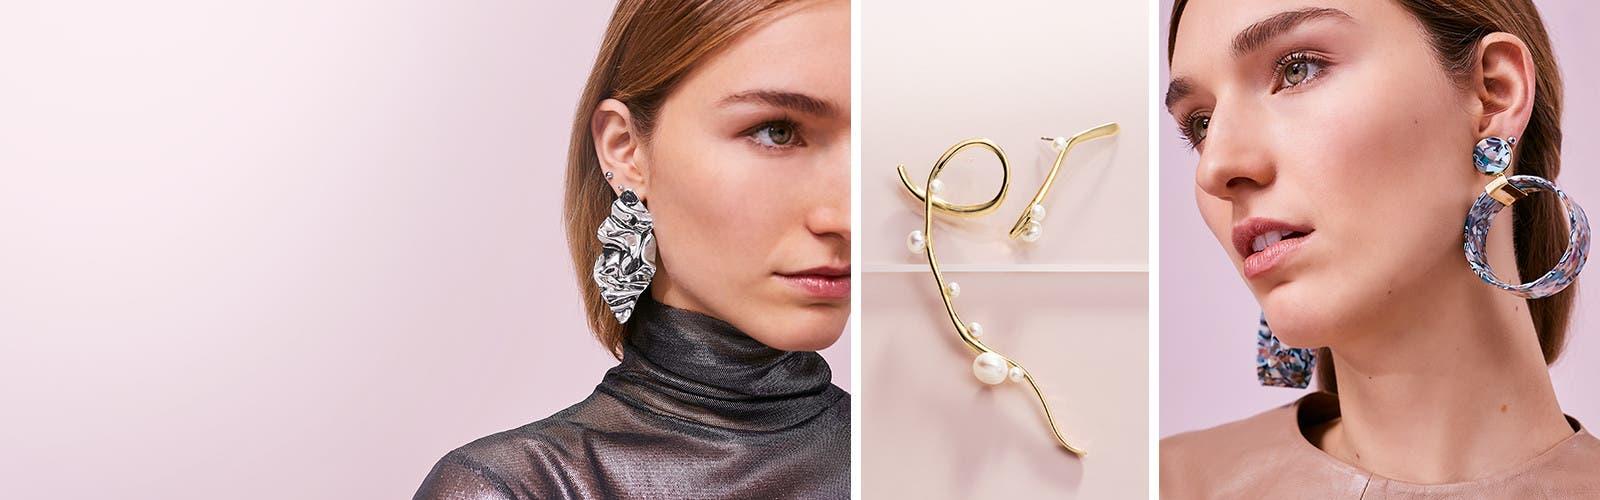 43b93ff2be6 Women s Earrings